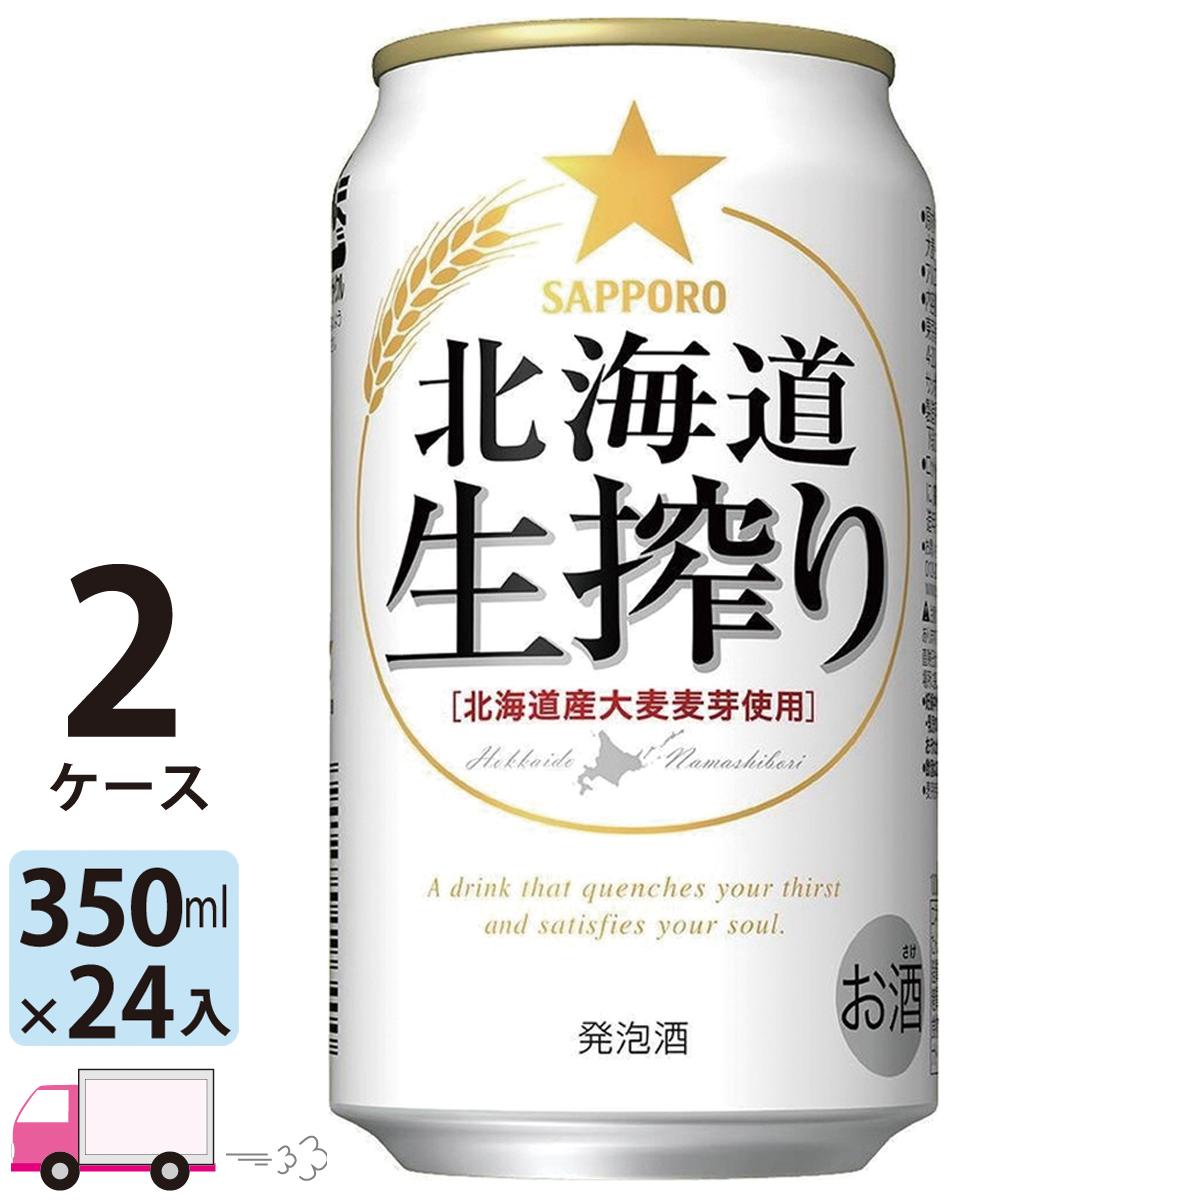 北海道をぎゅーっと搾ったおいしさです。 送料無料 サッポロ ビール 北海道生搾り 350ml 24缶入 2ケース (48本)